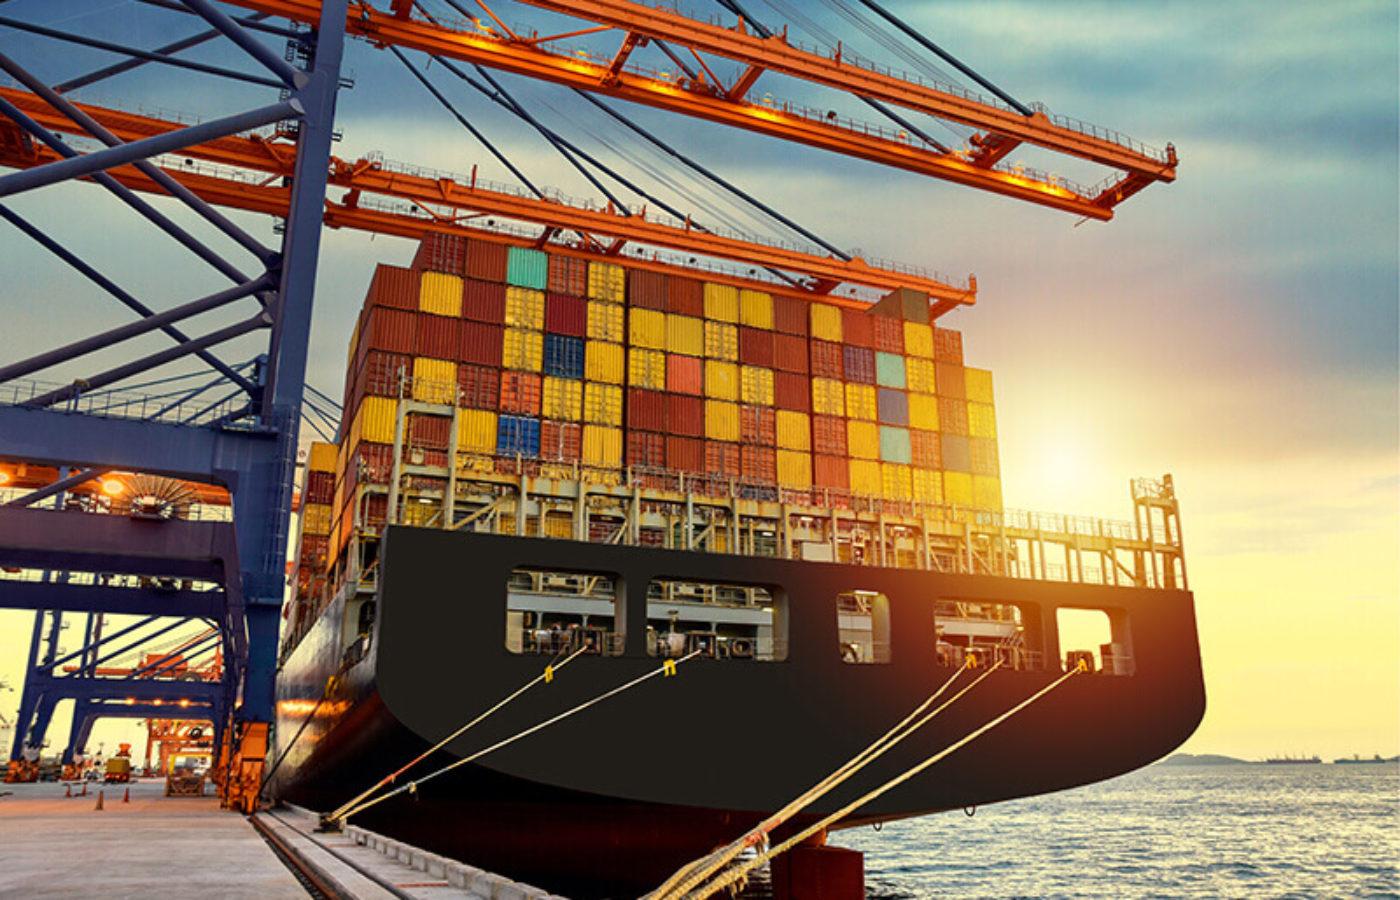 exporting overseas regulations